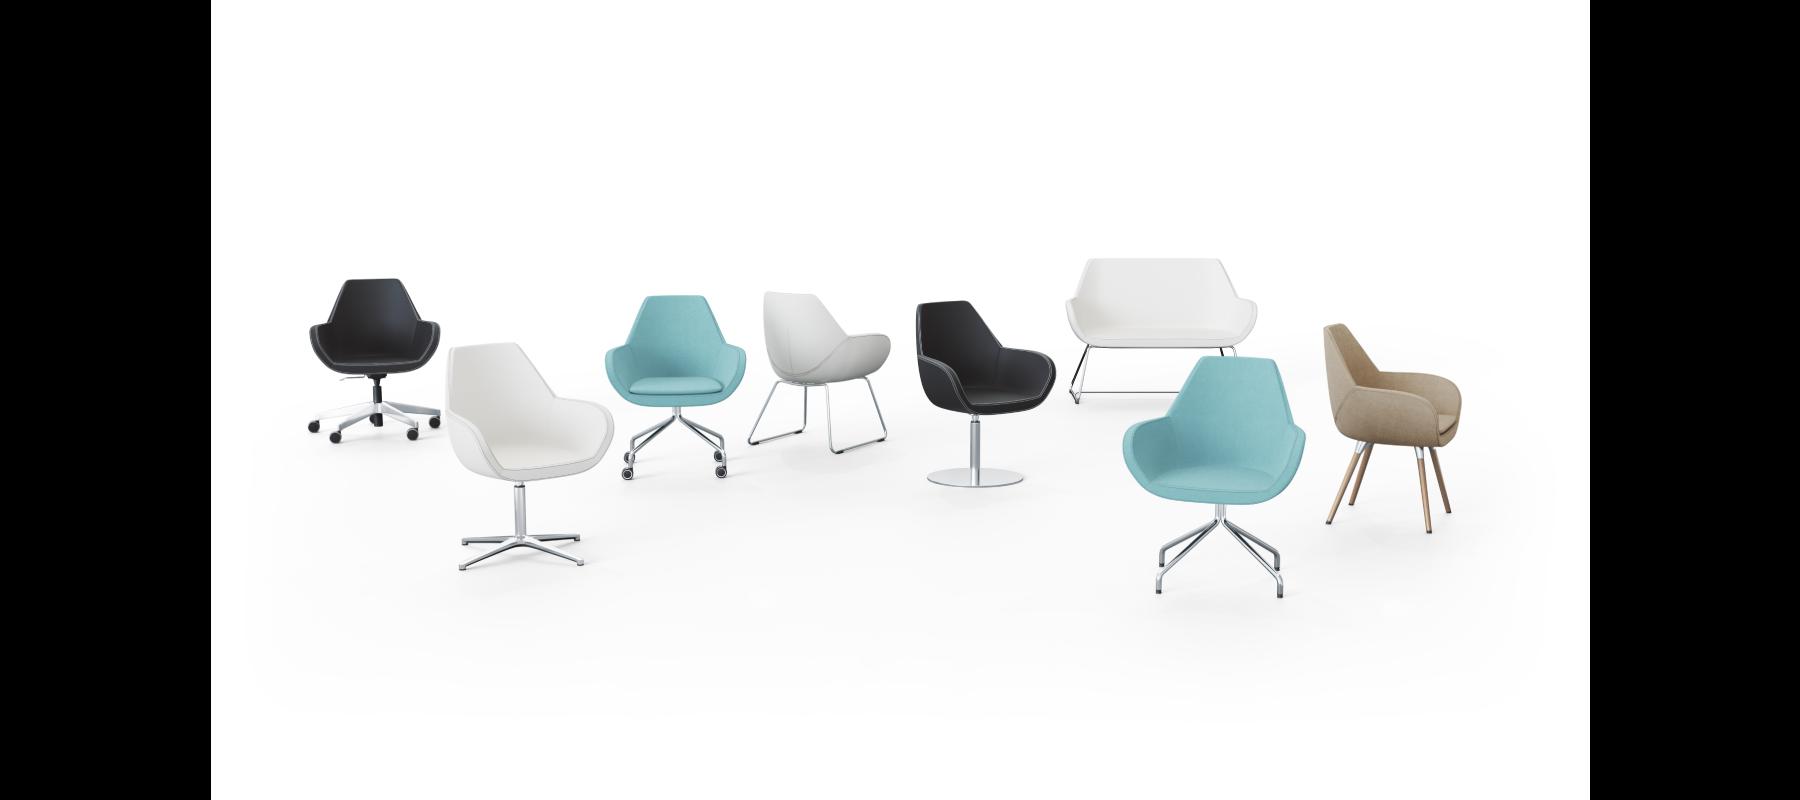 krzesła konferencyjne fan aranżacje - 54